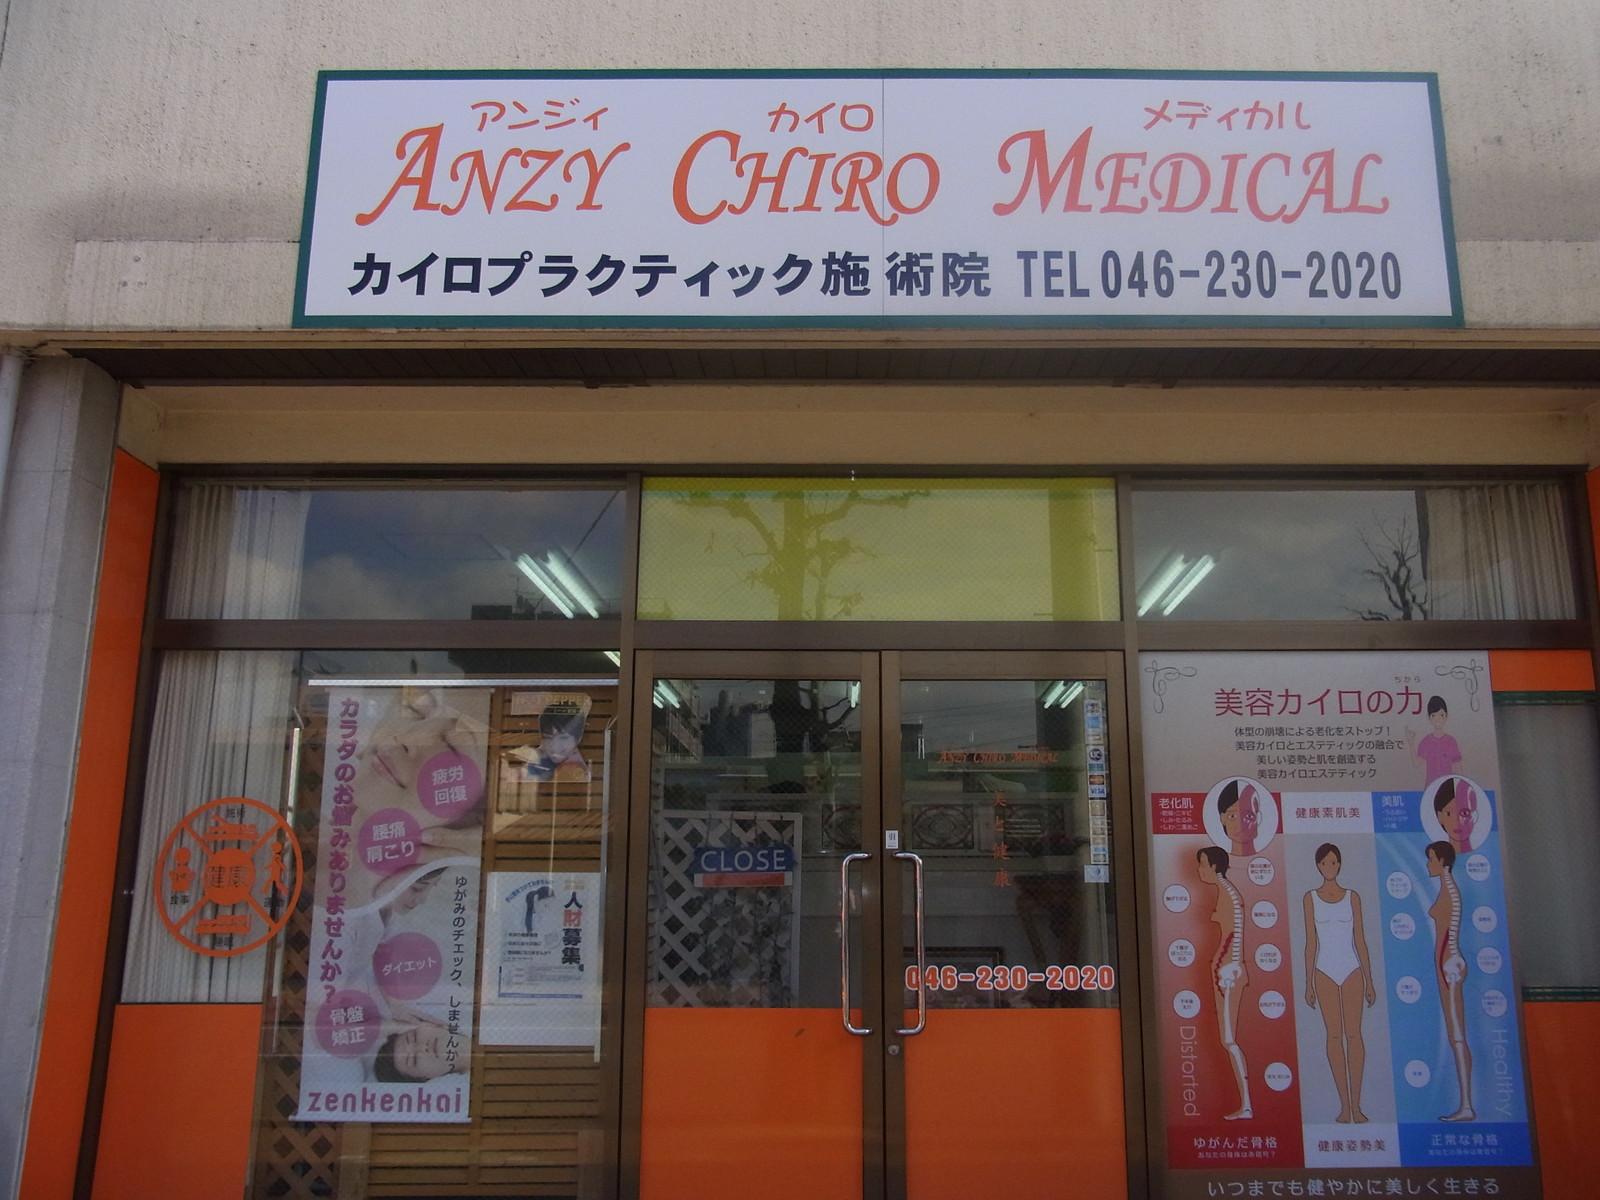 アンジィカイロメディカル本厚木院(ANZY CHIRO MEDICAL)